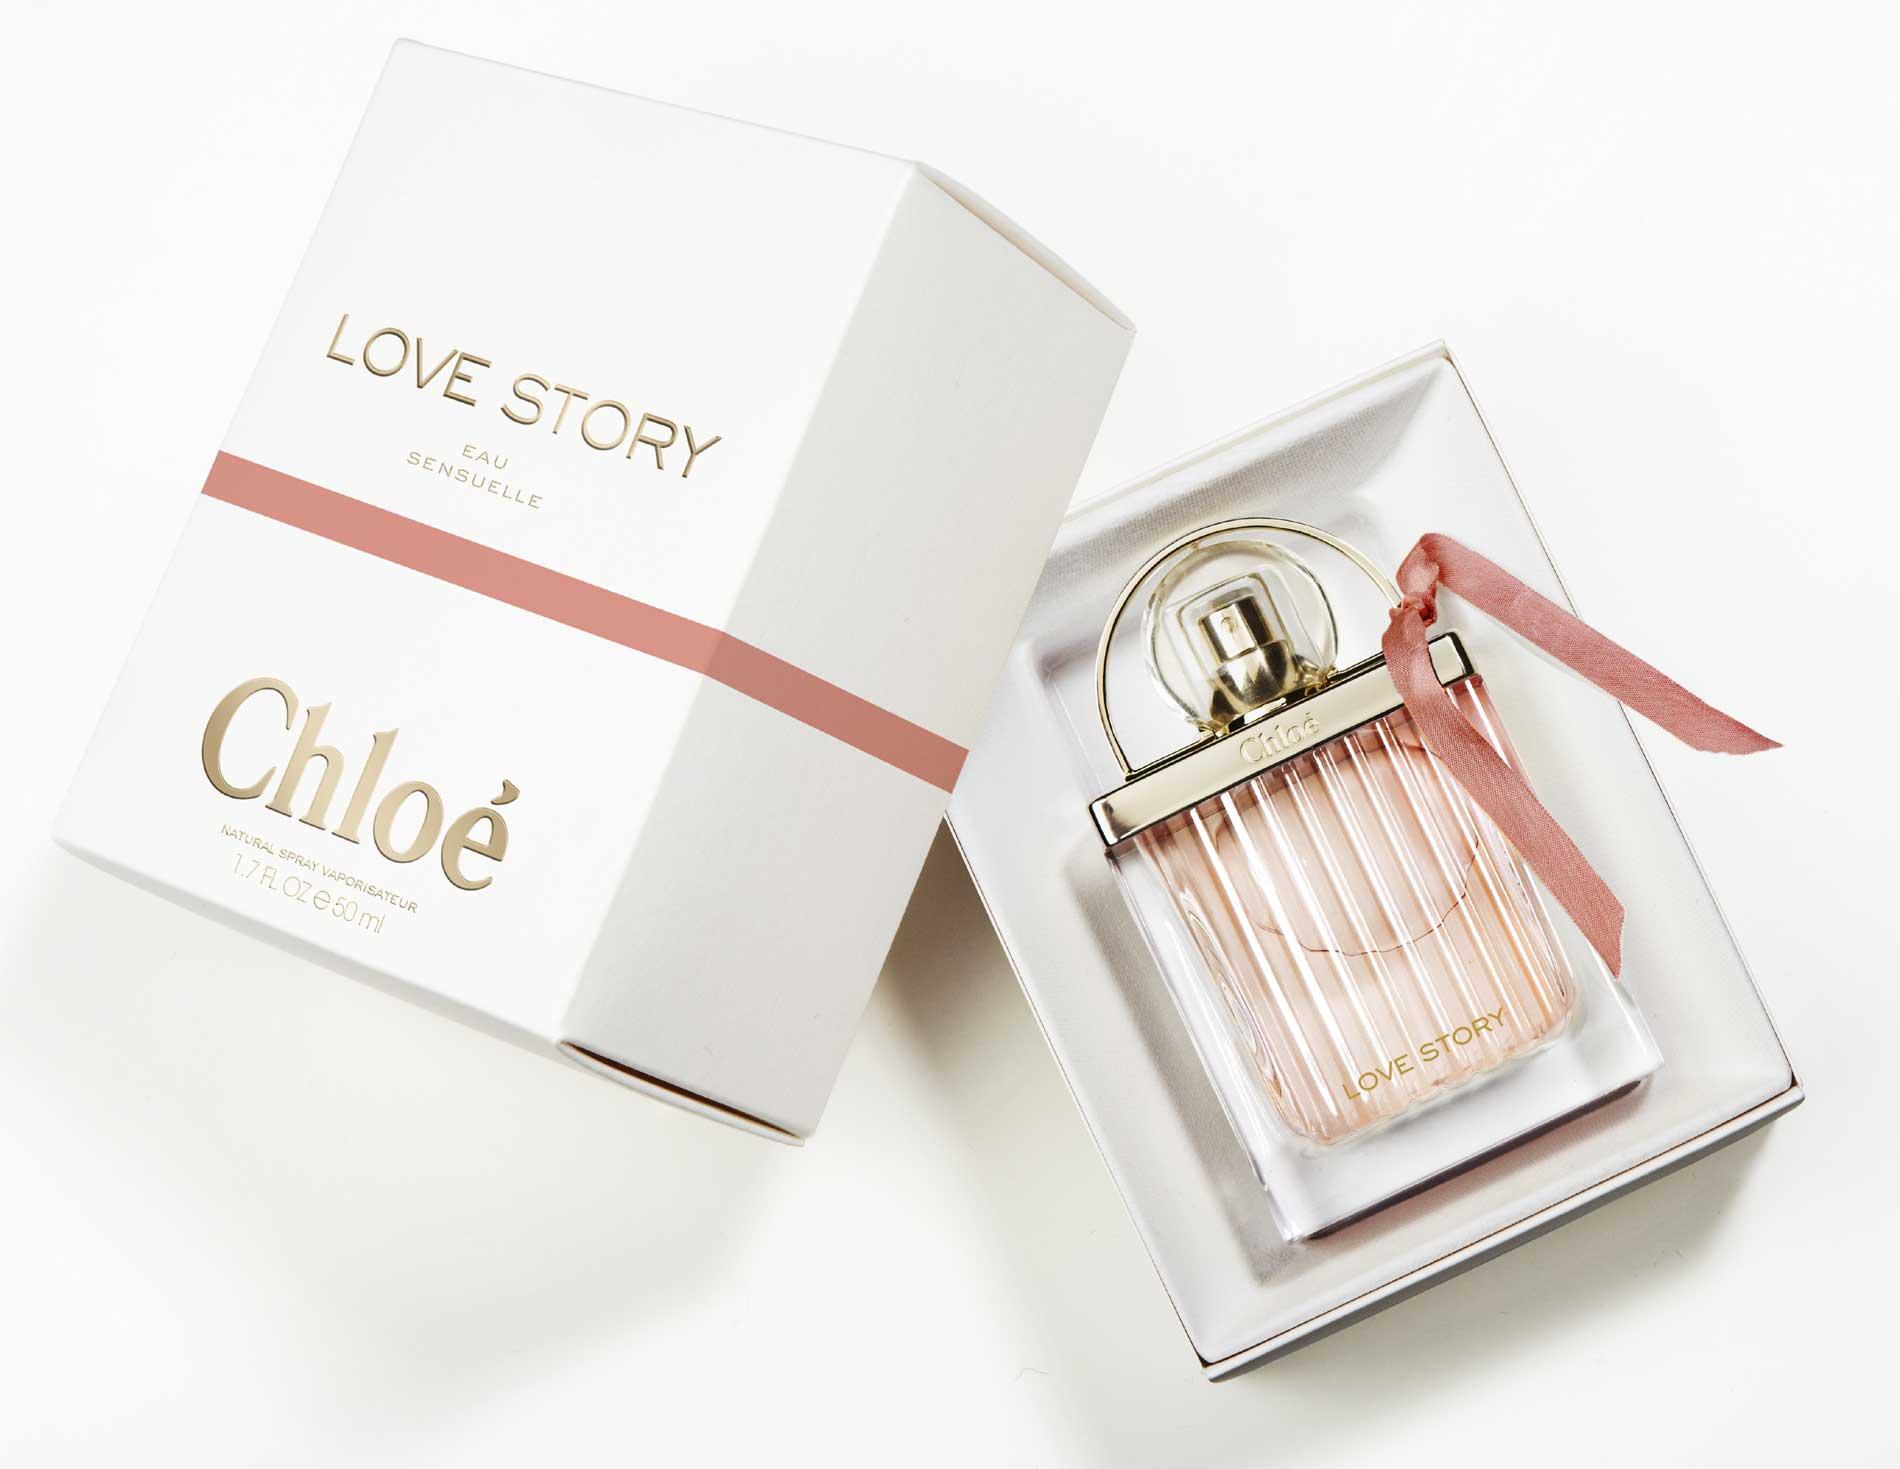 Chloe Love Story Eau Sensuelle perfume